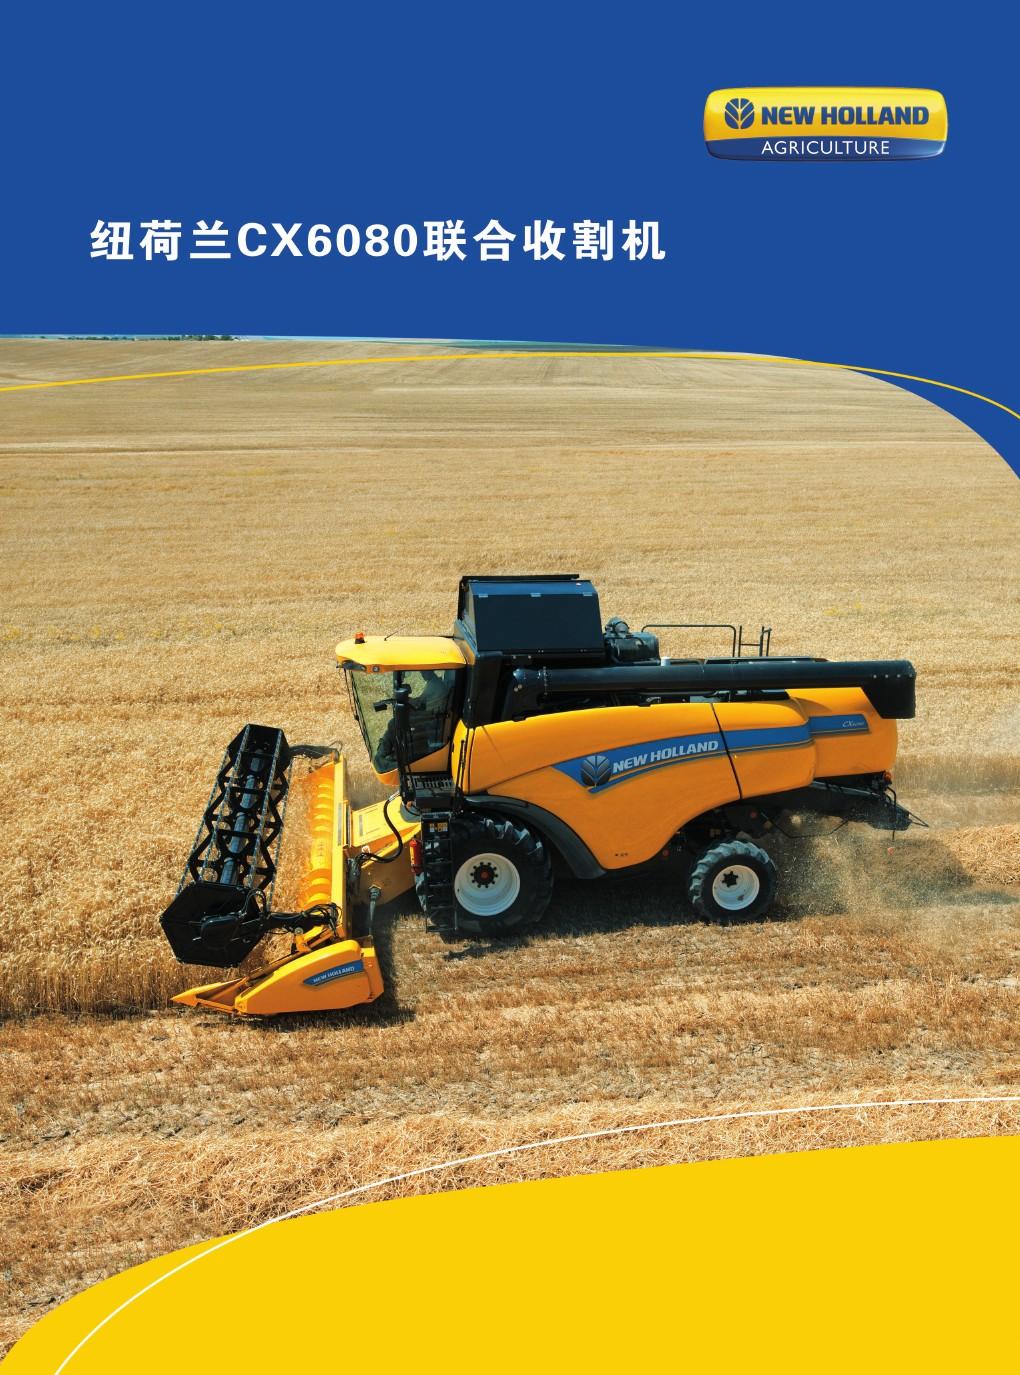 CX6080联合收割机